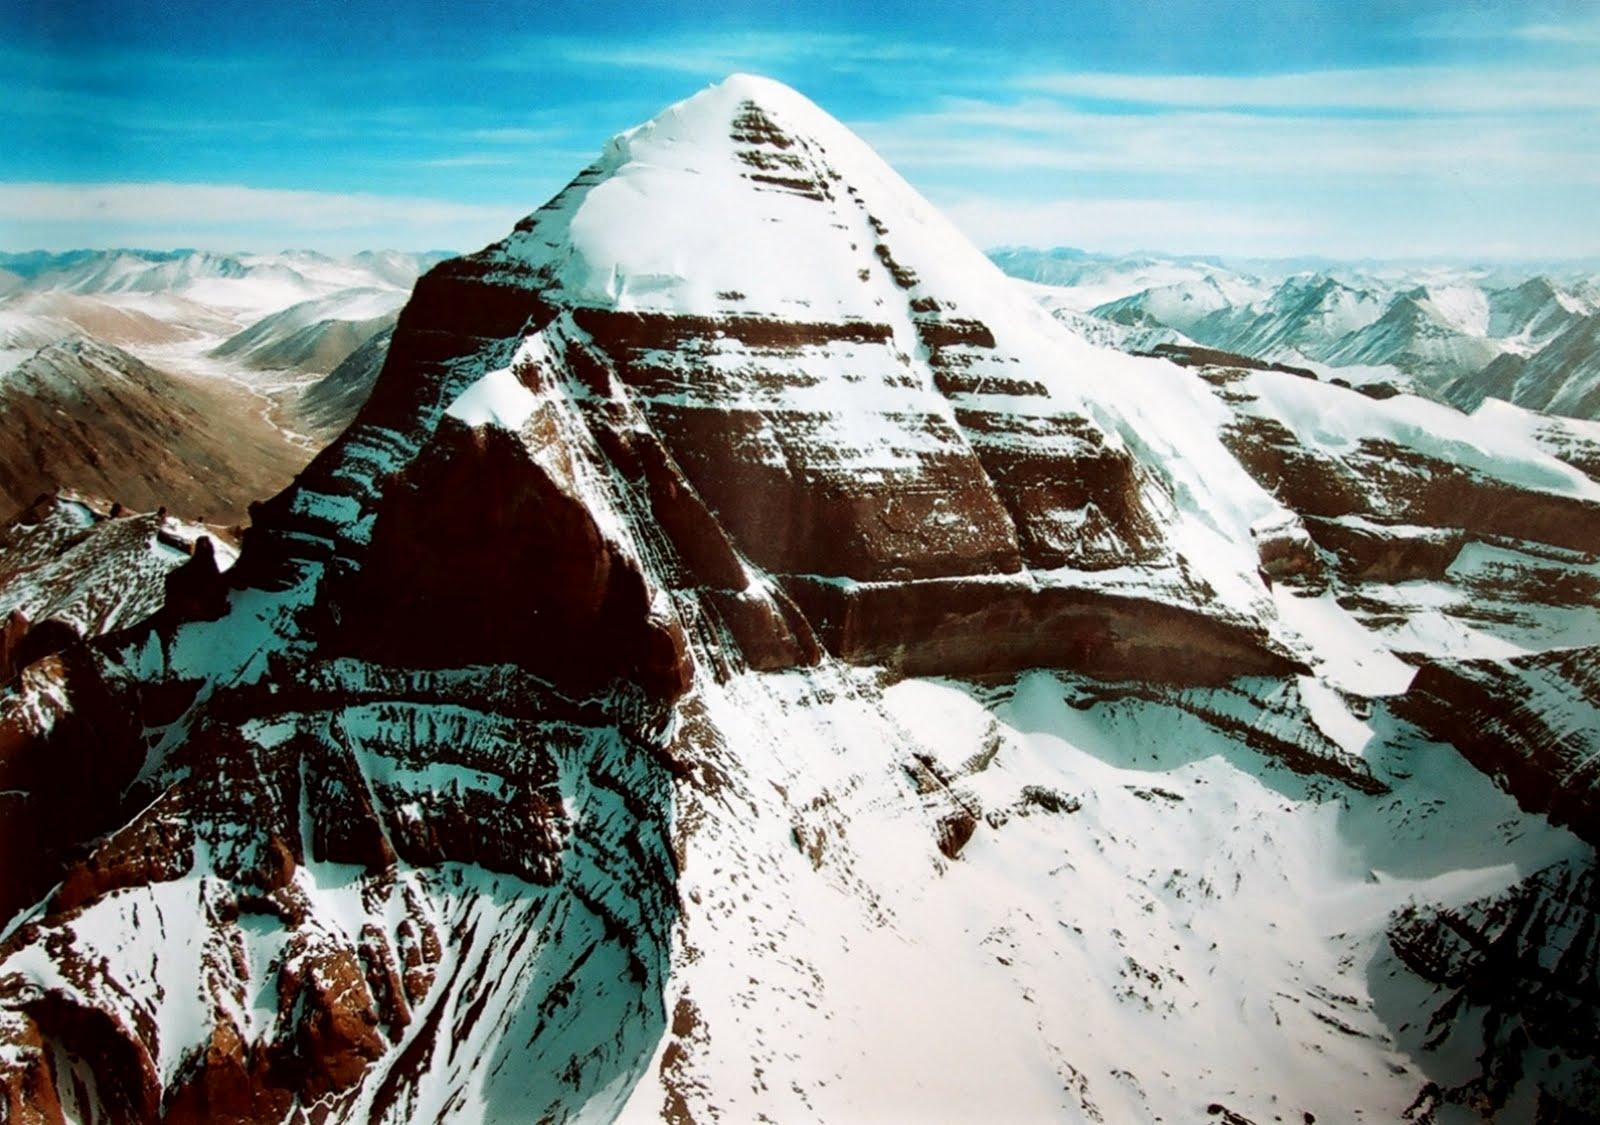 Příběhy tibetských mnichů potvrzují, že tato hora Kailas je ve skutečnosti pyramida s tajným vstupem do bájné Šambaly